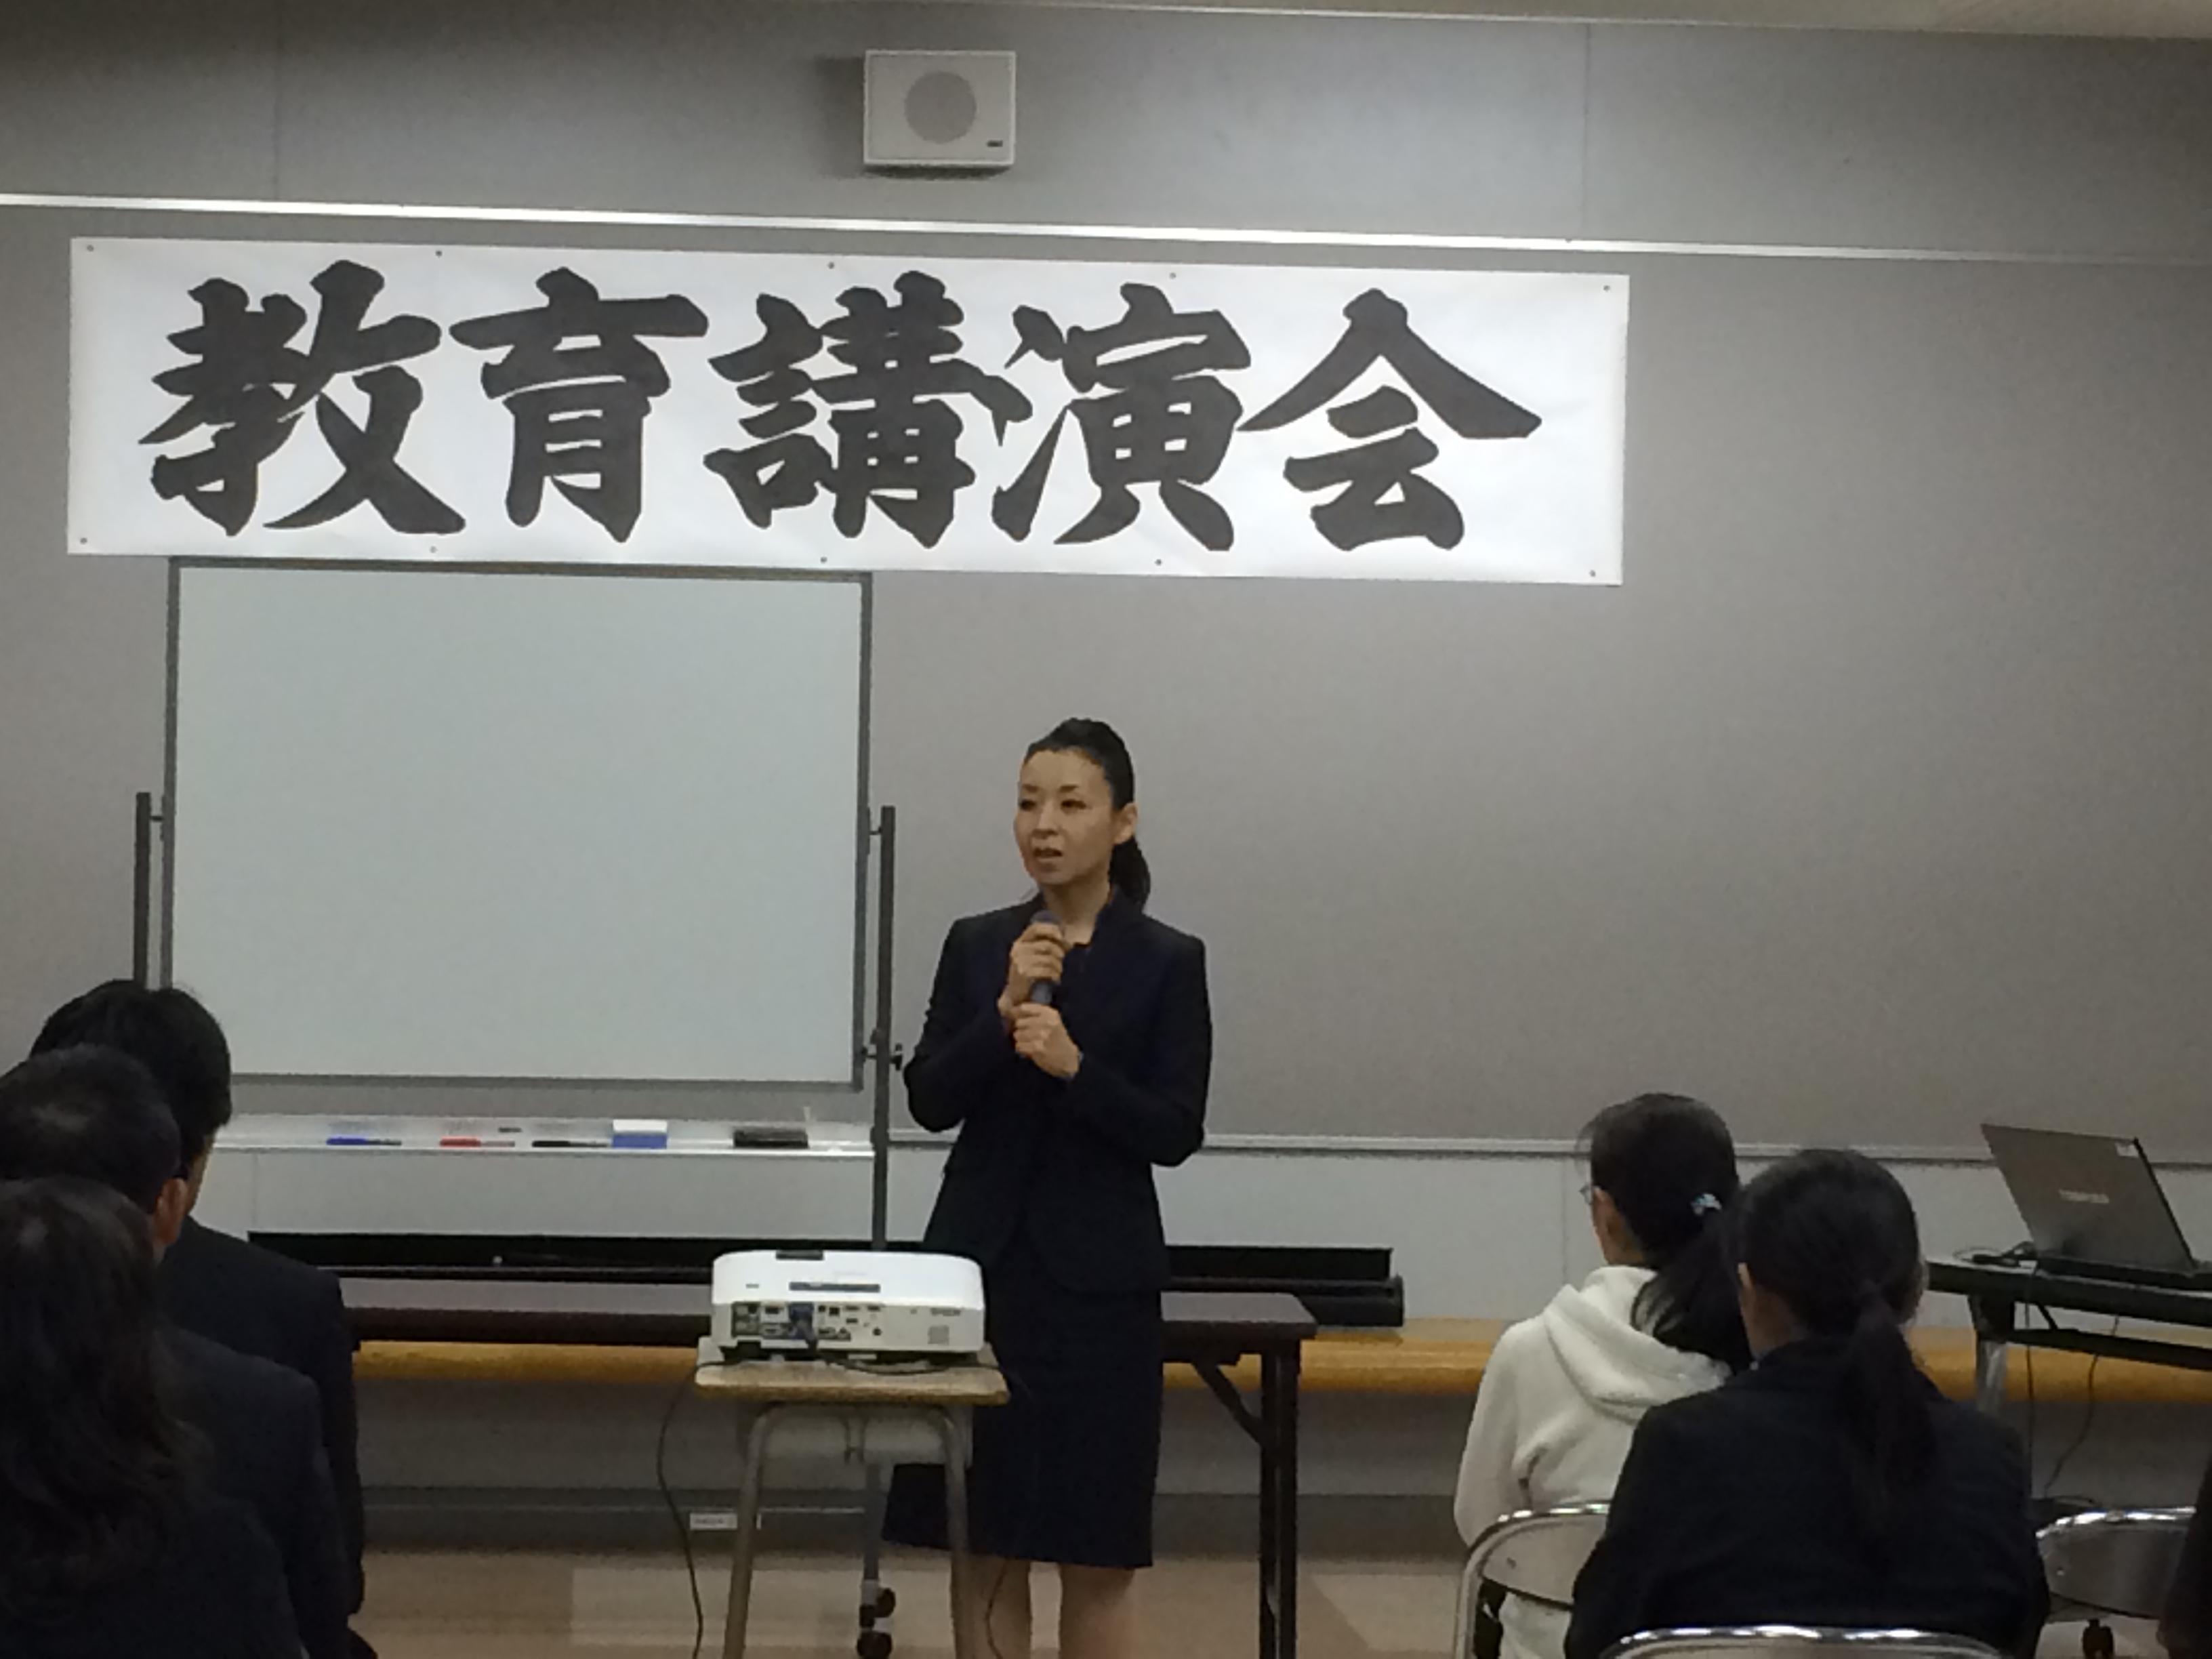 2014年10月14日岩手県北上市立東陵中学校さまにて 小・中学生の保護者の皆様を対象に講演をさせていただきました